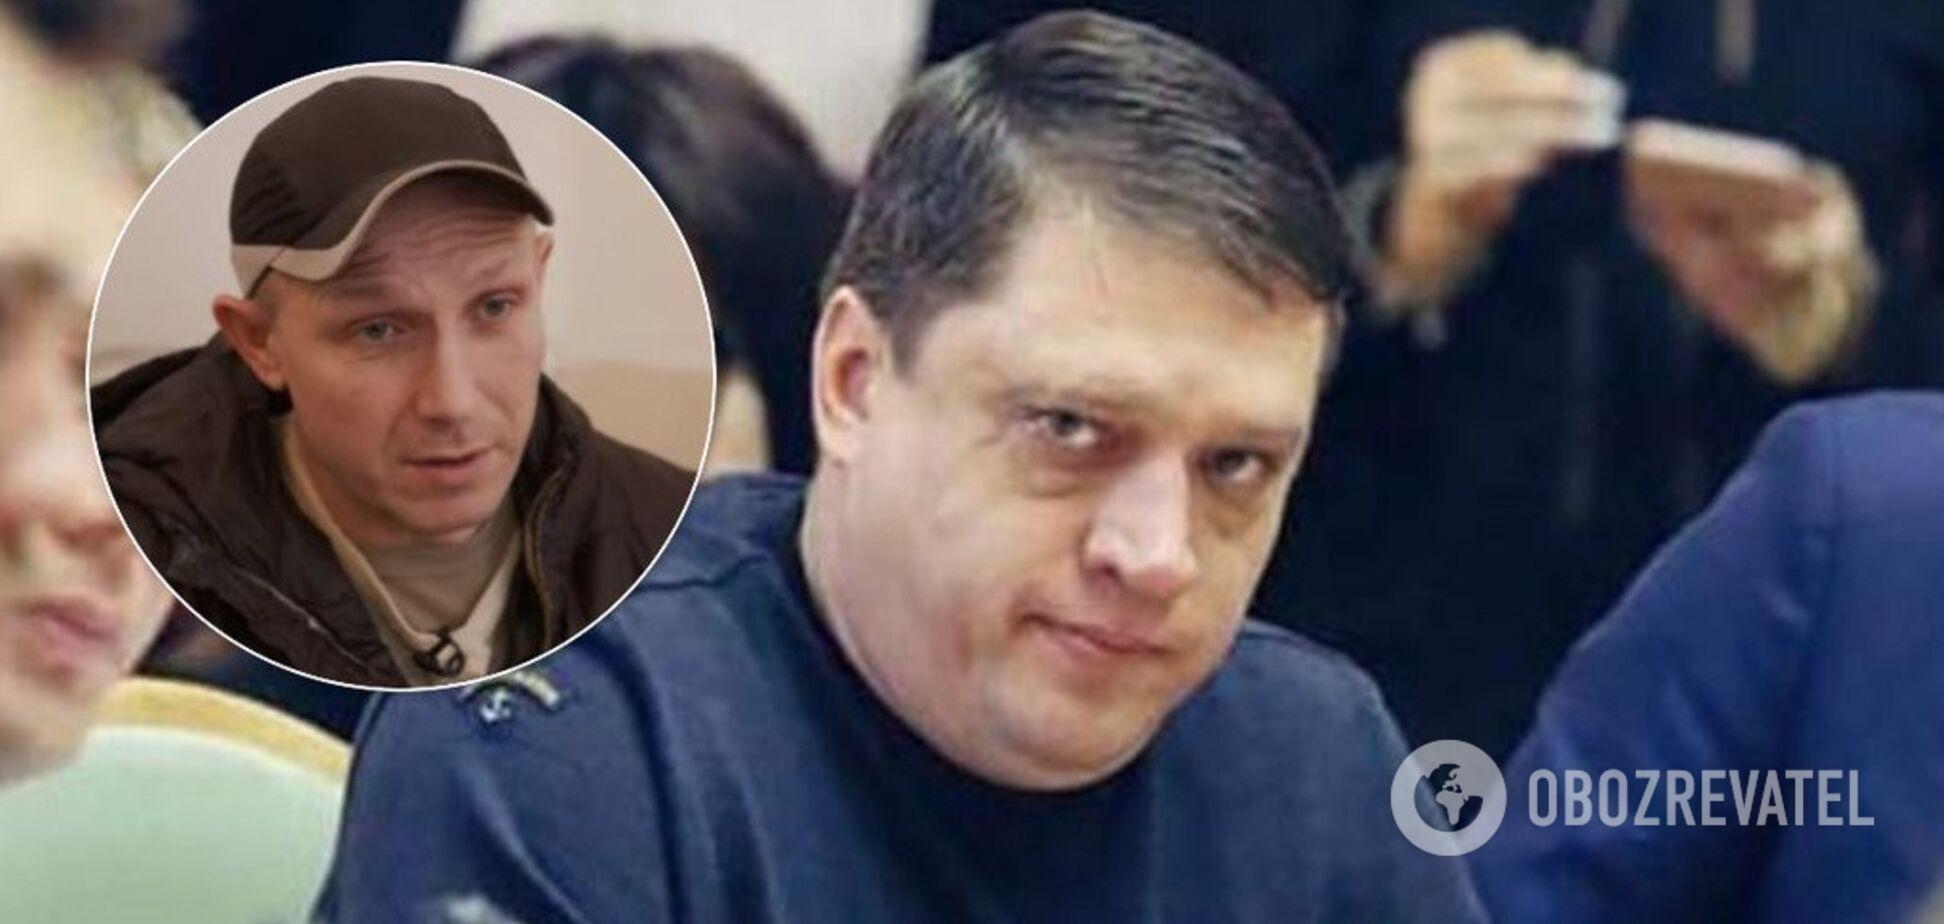 'Закривали за наркотики': ґвалтівник Іванісов засвітився ще в одному злочині